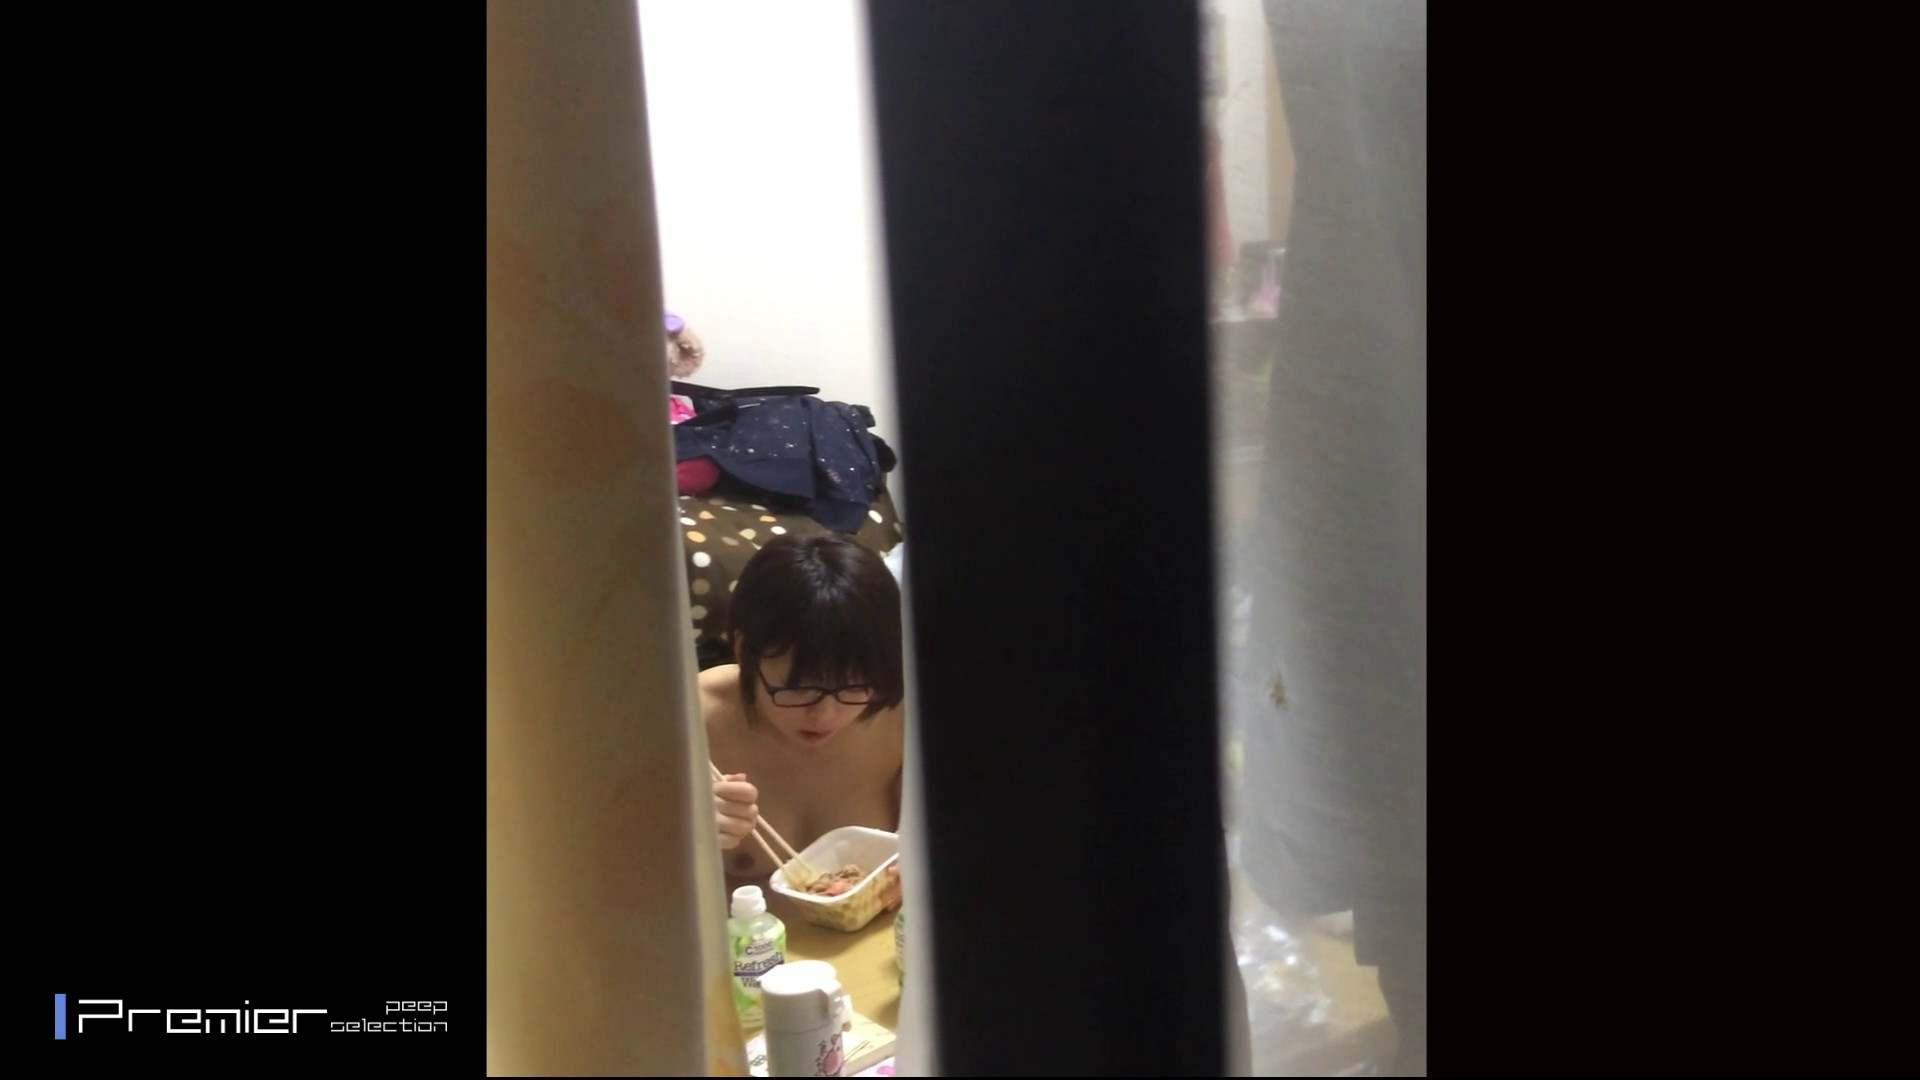 眼鏡美女の食事を隠し撮り 乙女の風呂場 Vol.05 美女達のヌード | 入浴シーン  95連発 7